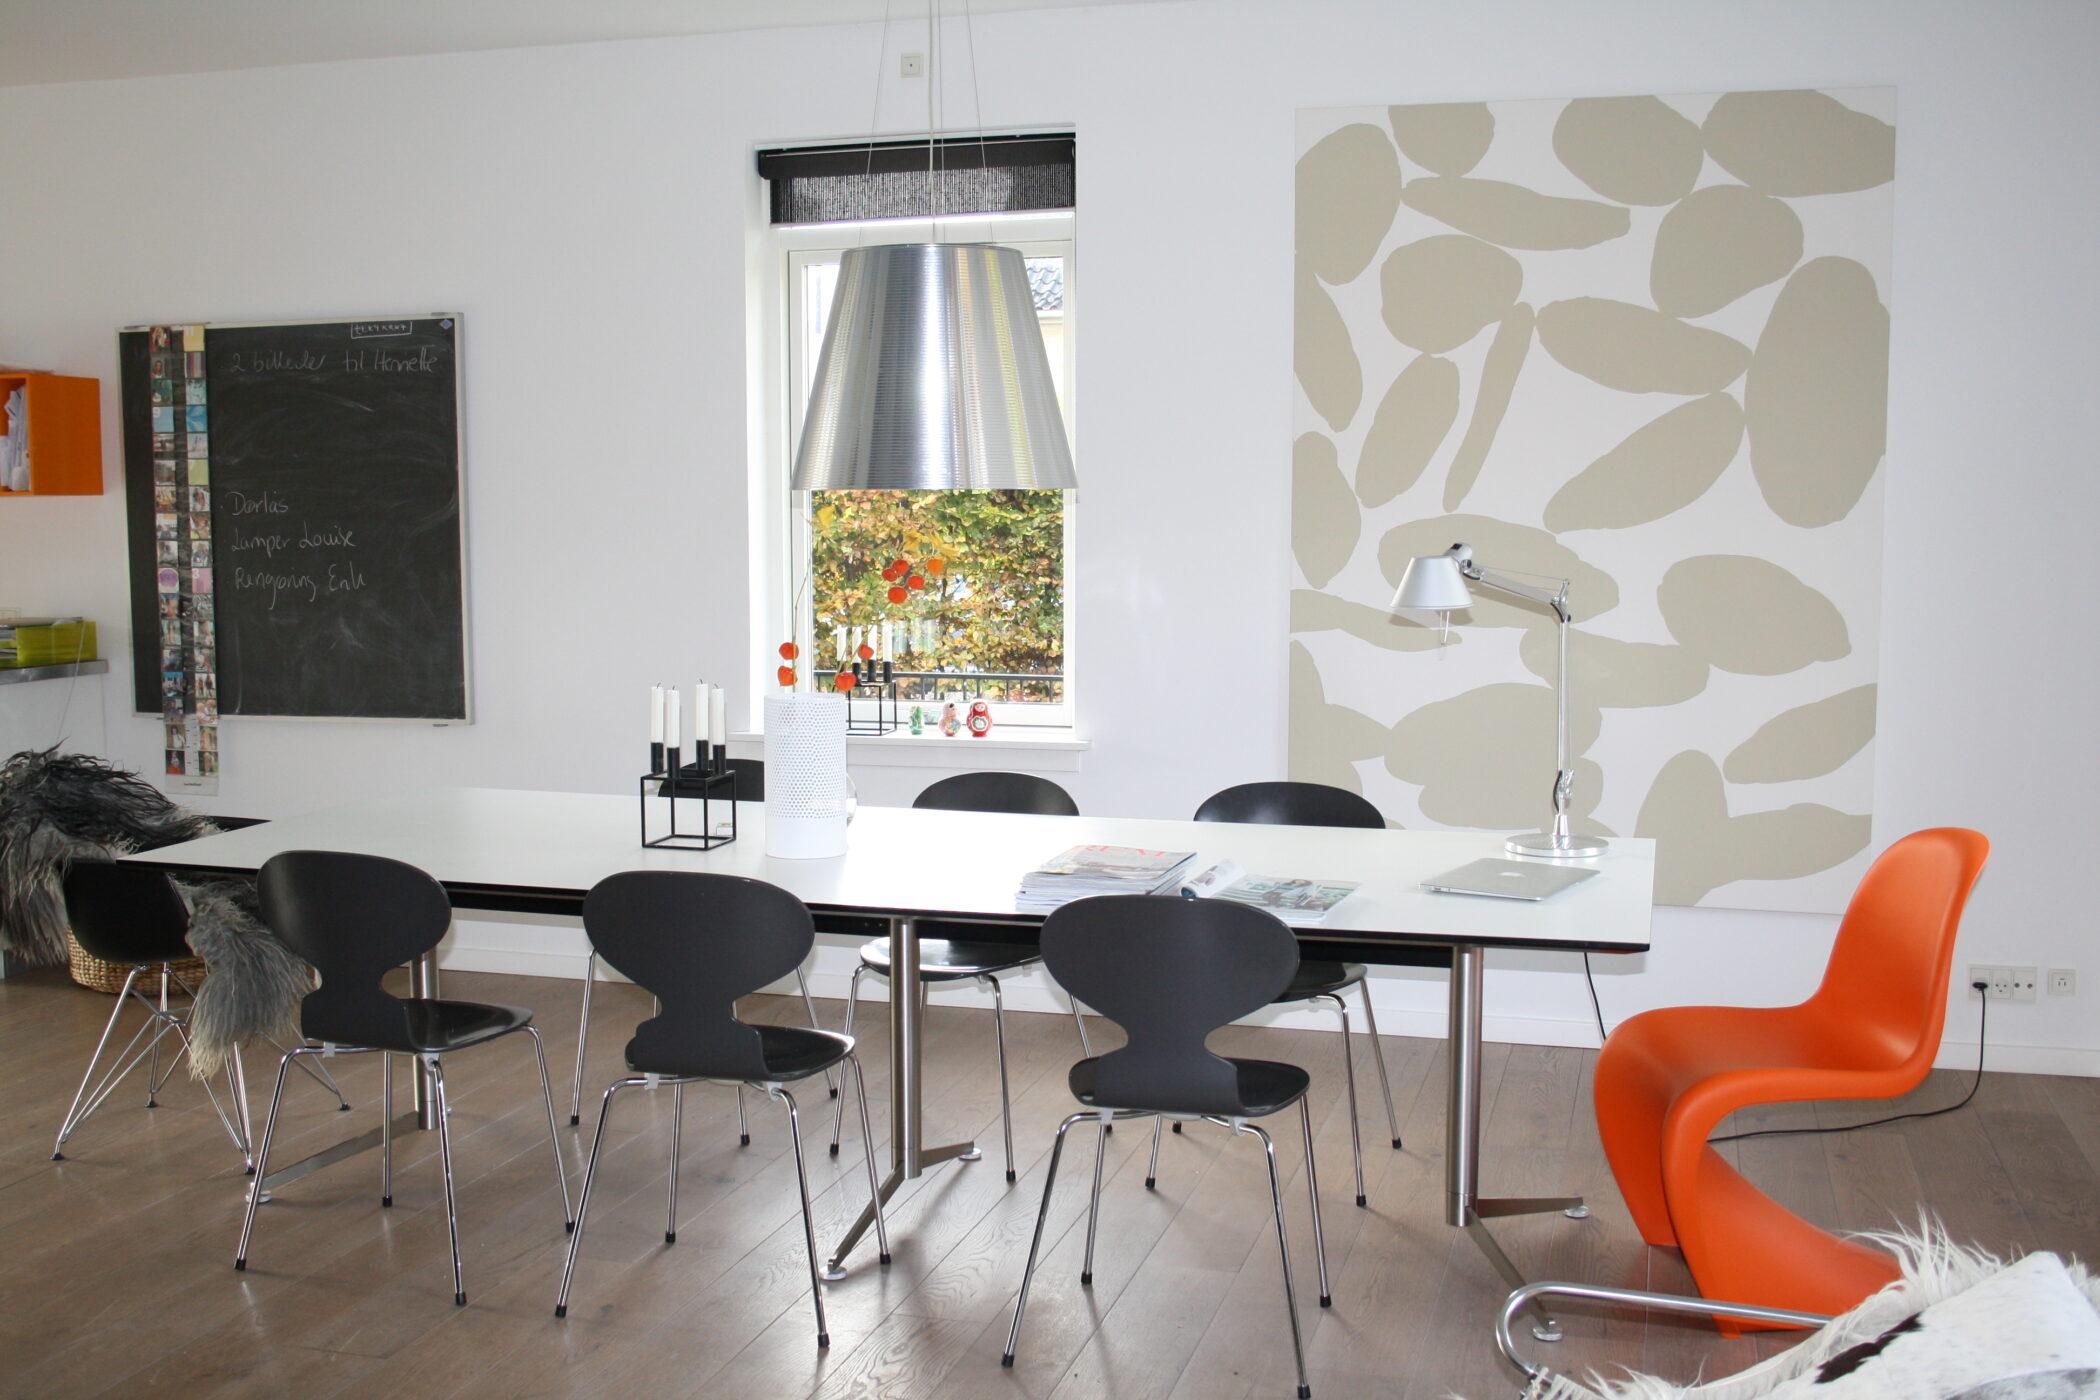 En smukt grafisk værk / objekt, bidrager med farve, fylde og bevægelse til spiseafdelingen.